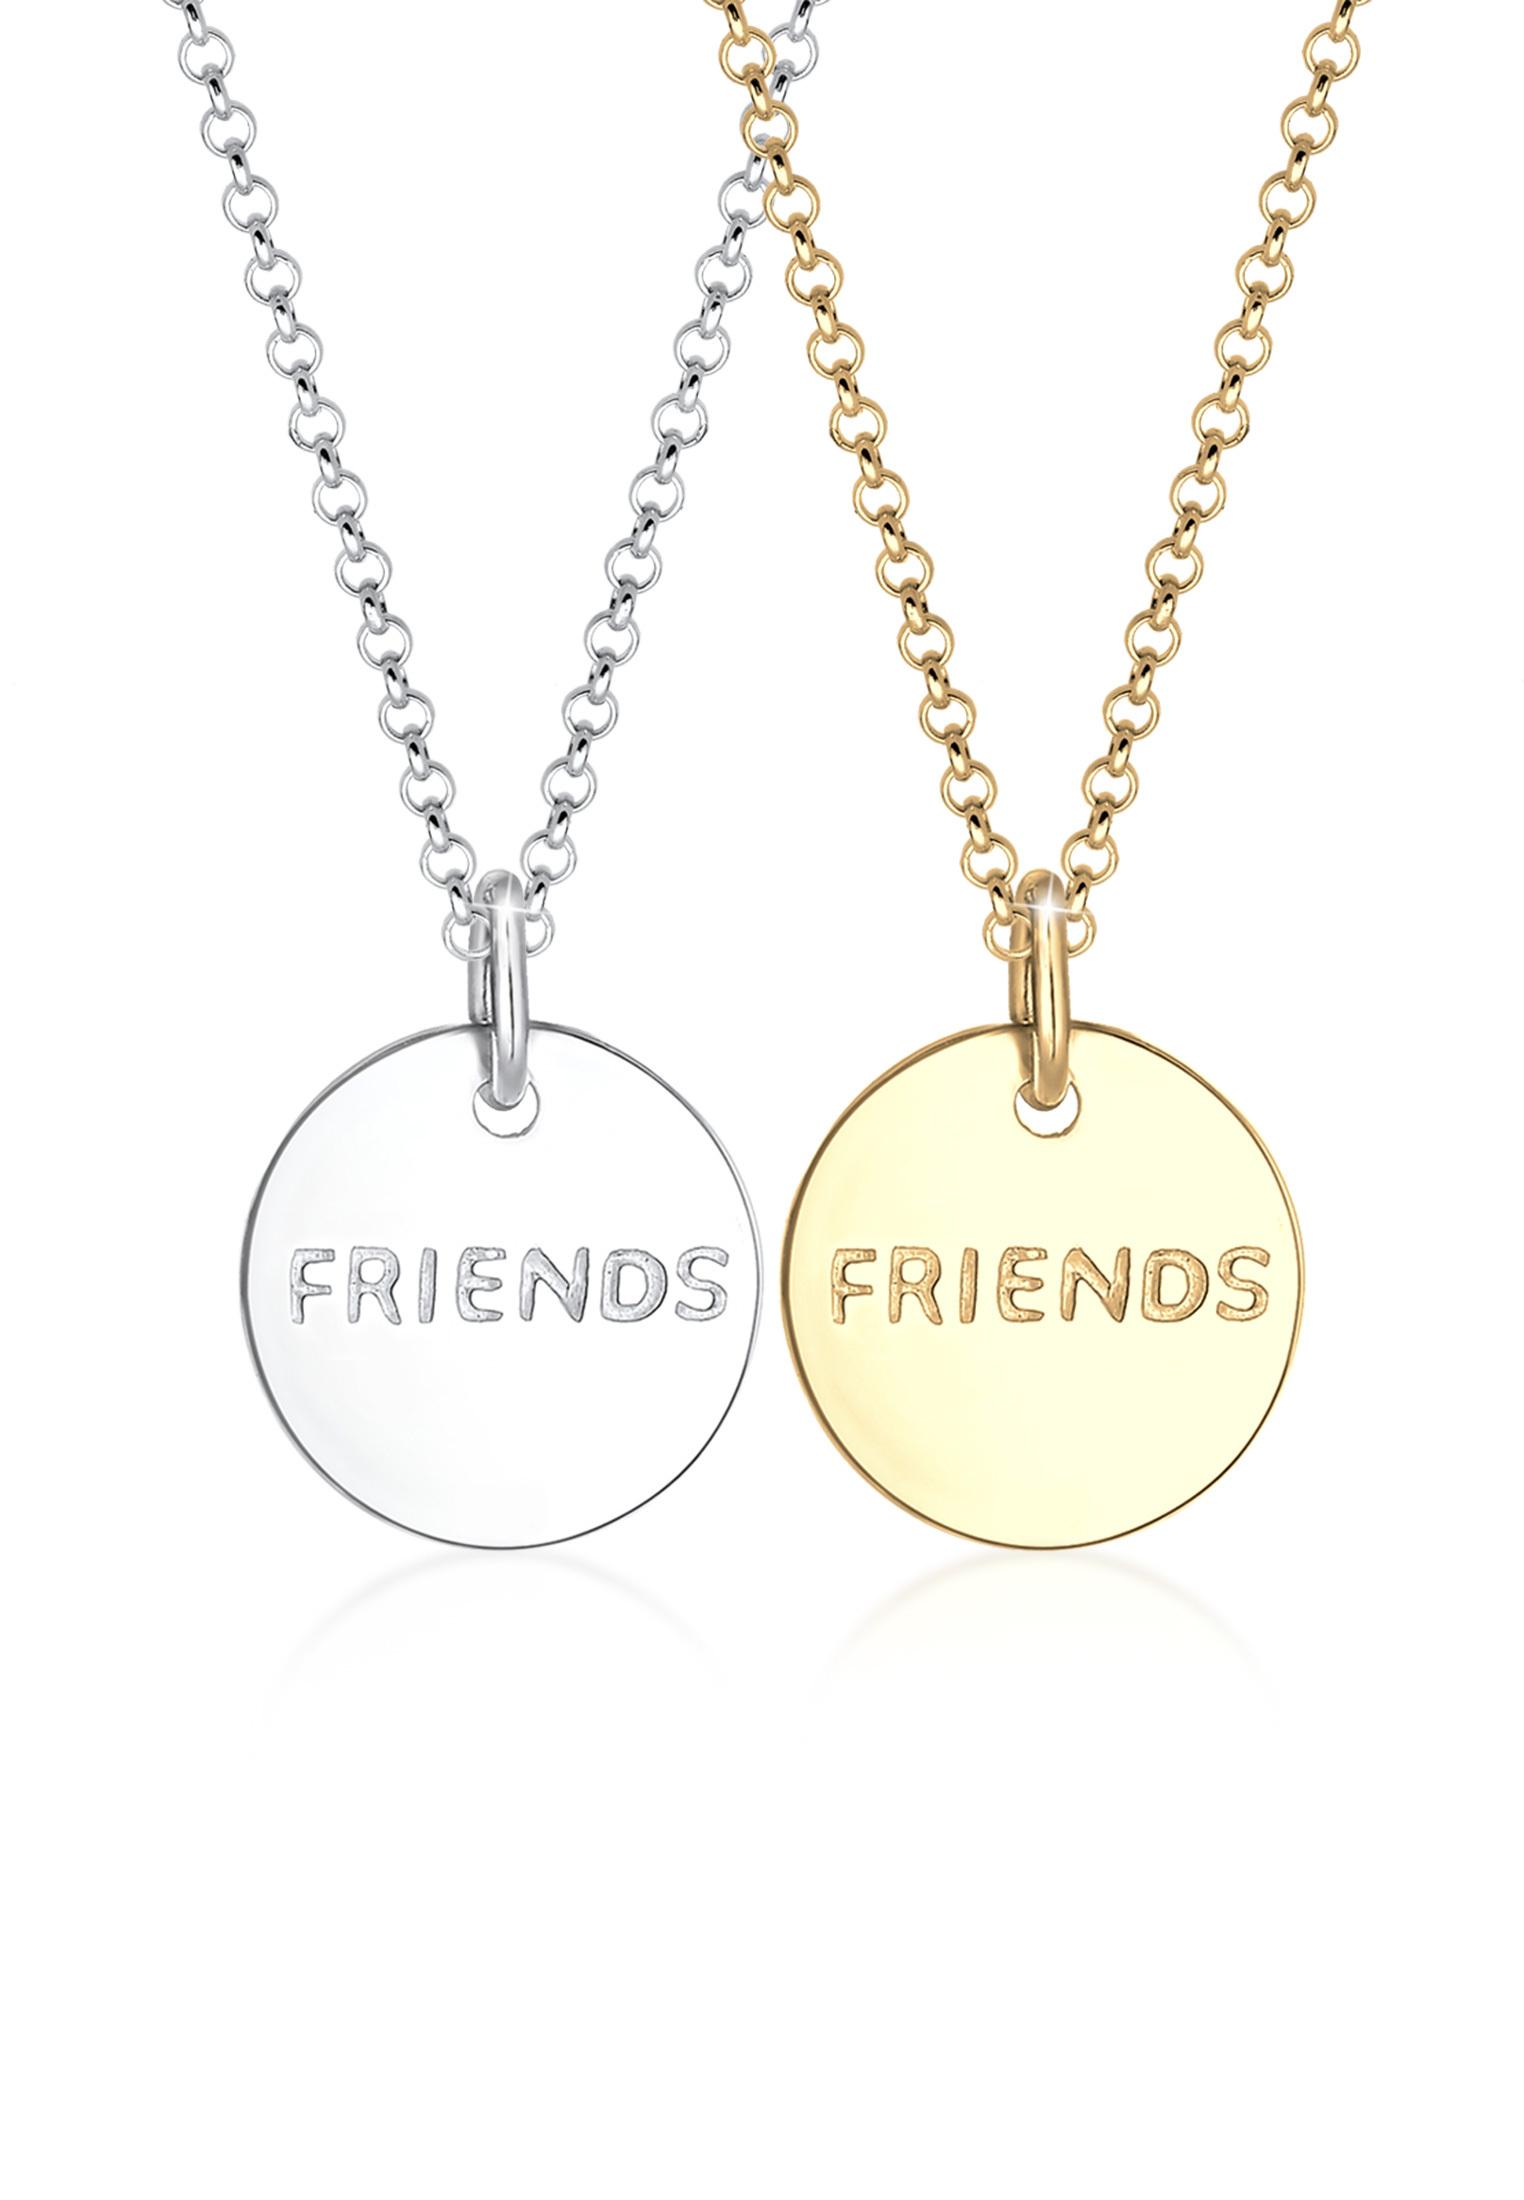 Halskettenset   925 Sterling Silber vergoldet